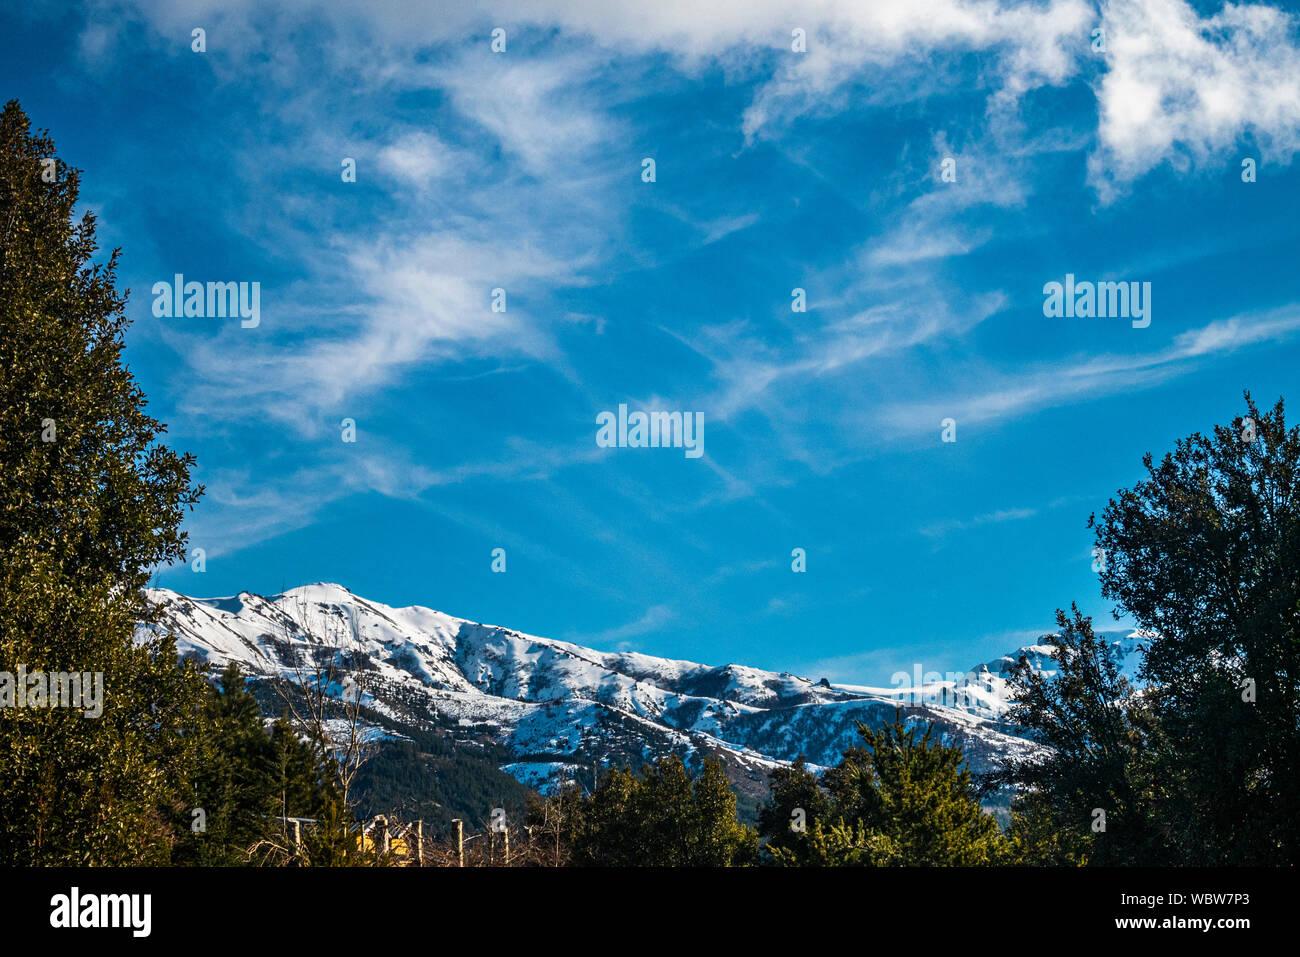 Villa Meliquina, provincia de Neuquén, Patagonia. Bosques, montañas nevadas y cielo azul puro ofrecen paisajes de ensueño en el sur de Argentina. Foto de stock